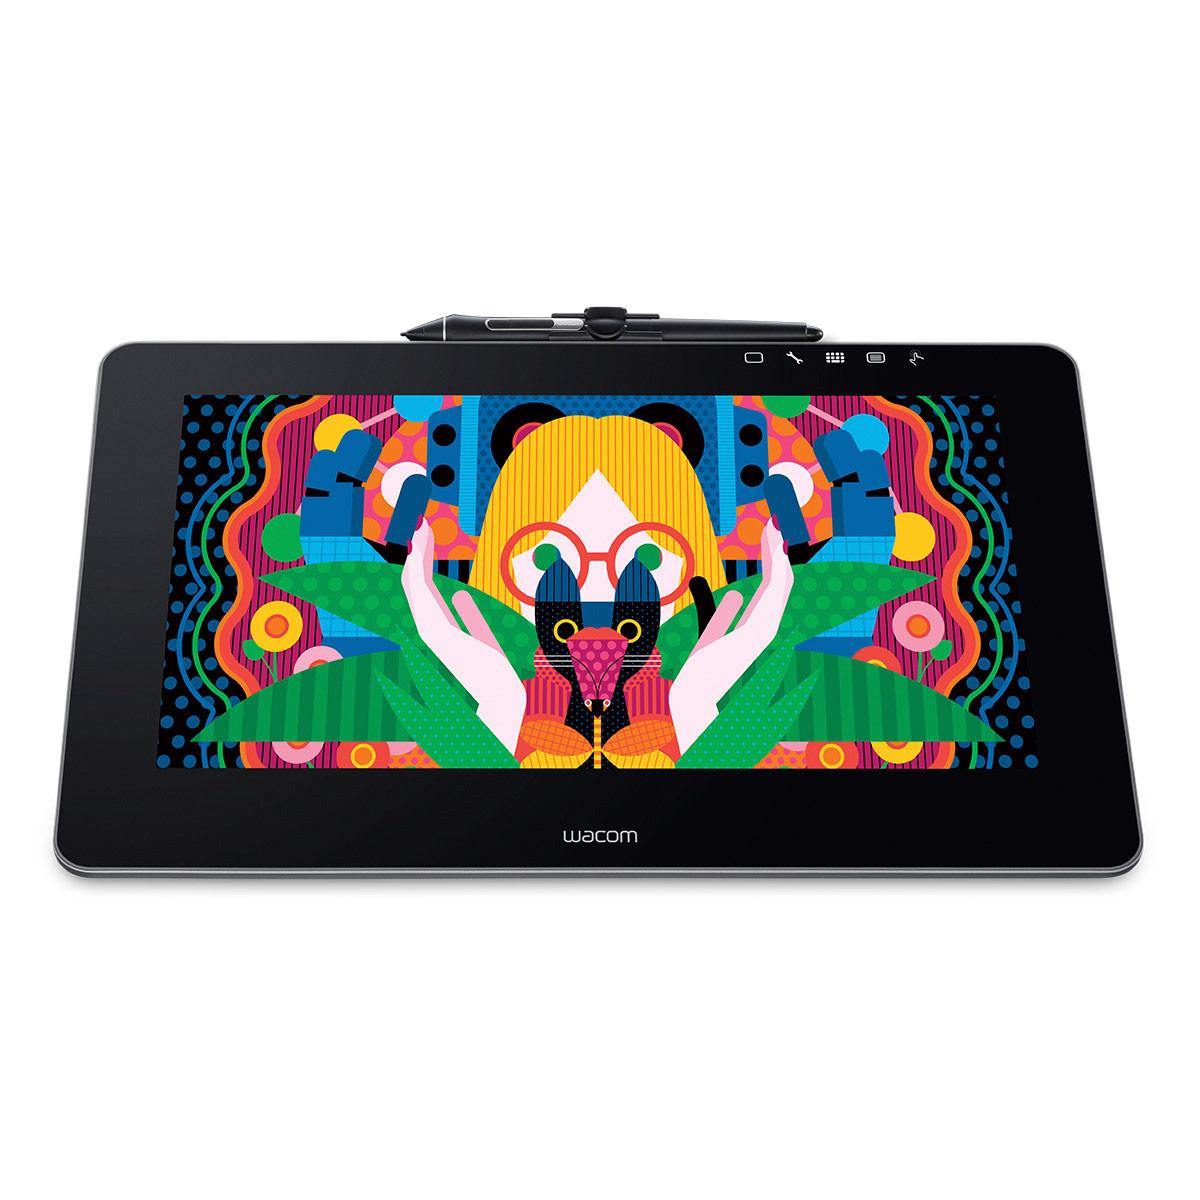 Wacom Cintiq Pro 13 Creative Pen Display Tablet